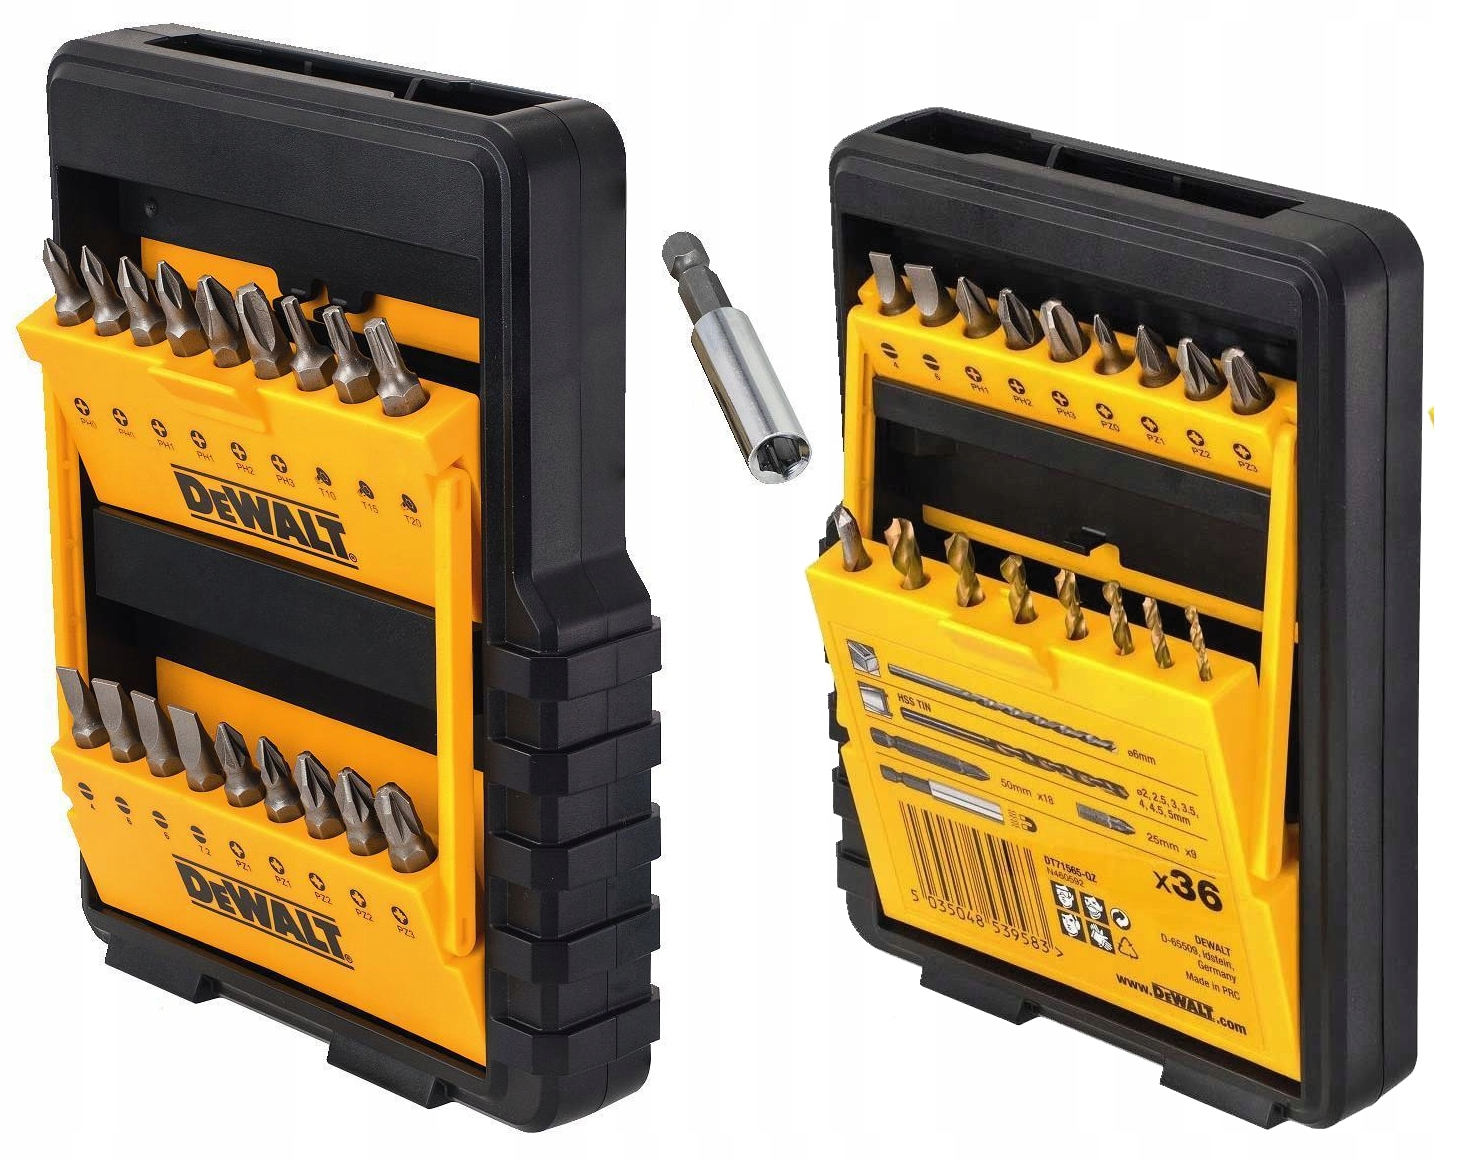 DeWalt DT71565 комплект Сверл и Бит 36 штук